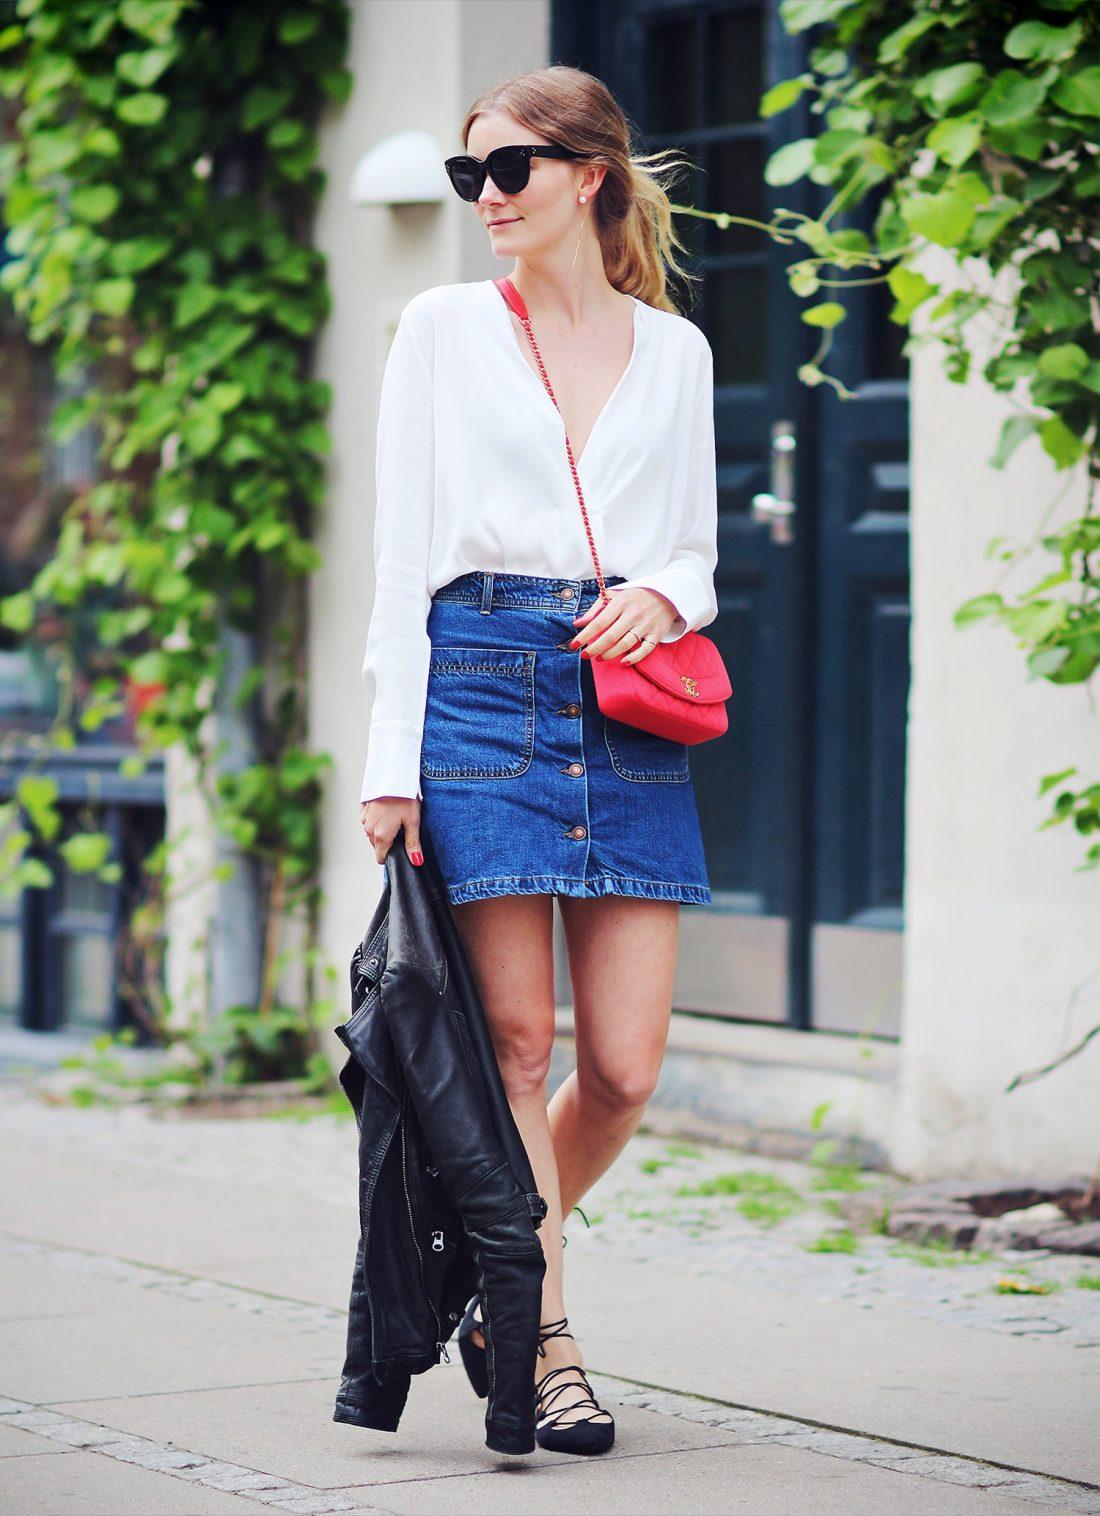 nederdel-denim-skirt-a-skirt@2x.jpg